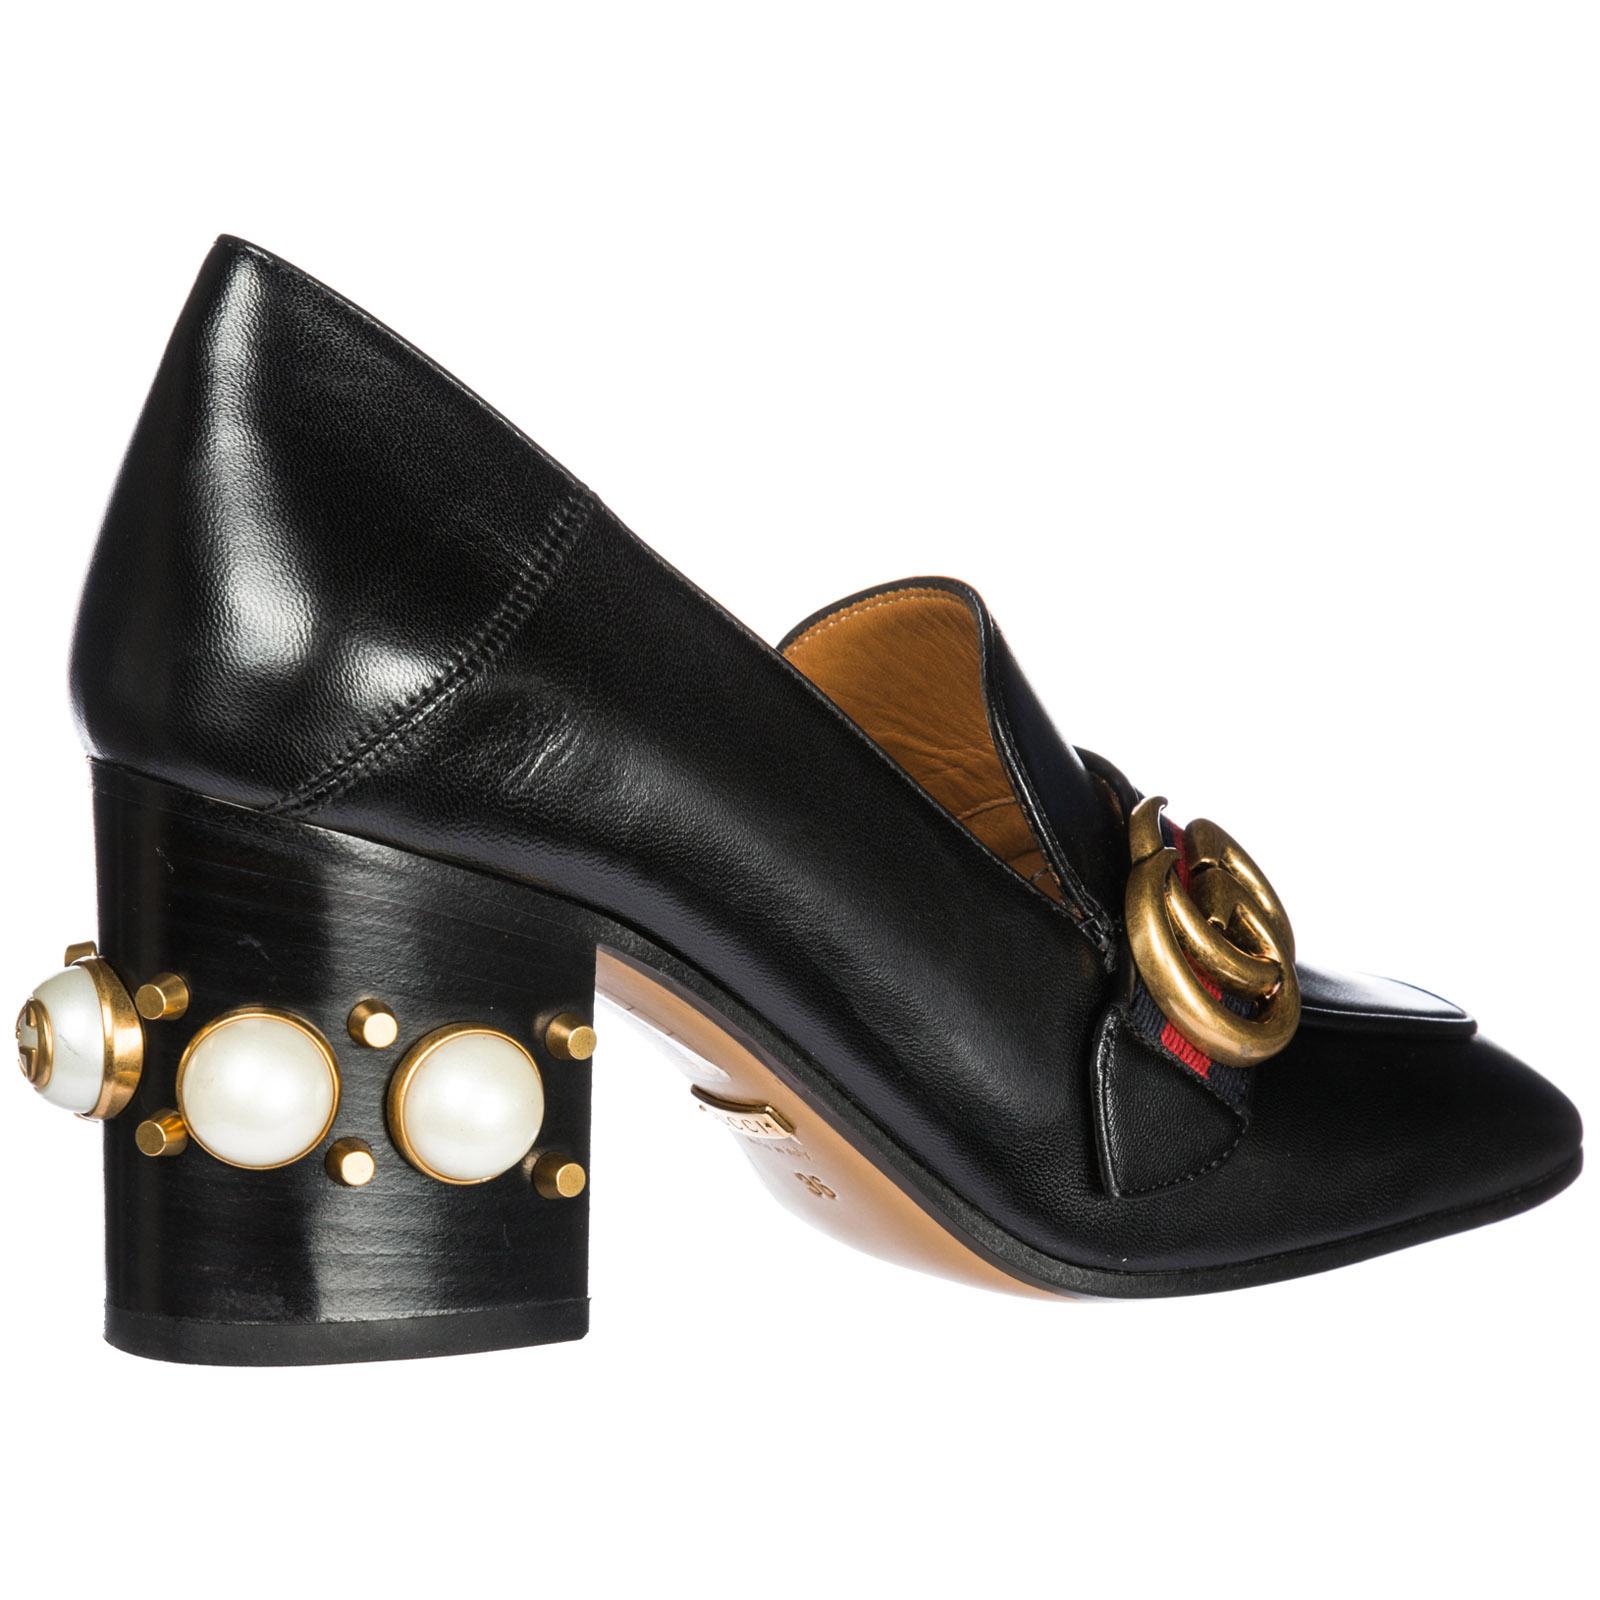 nuovo prodotto 89718 8d1b3 Decolletes decoltè scarpe donna con tacco pelle